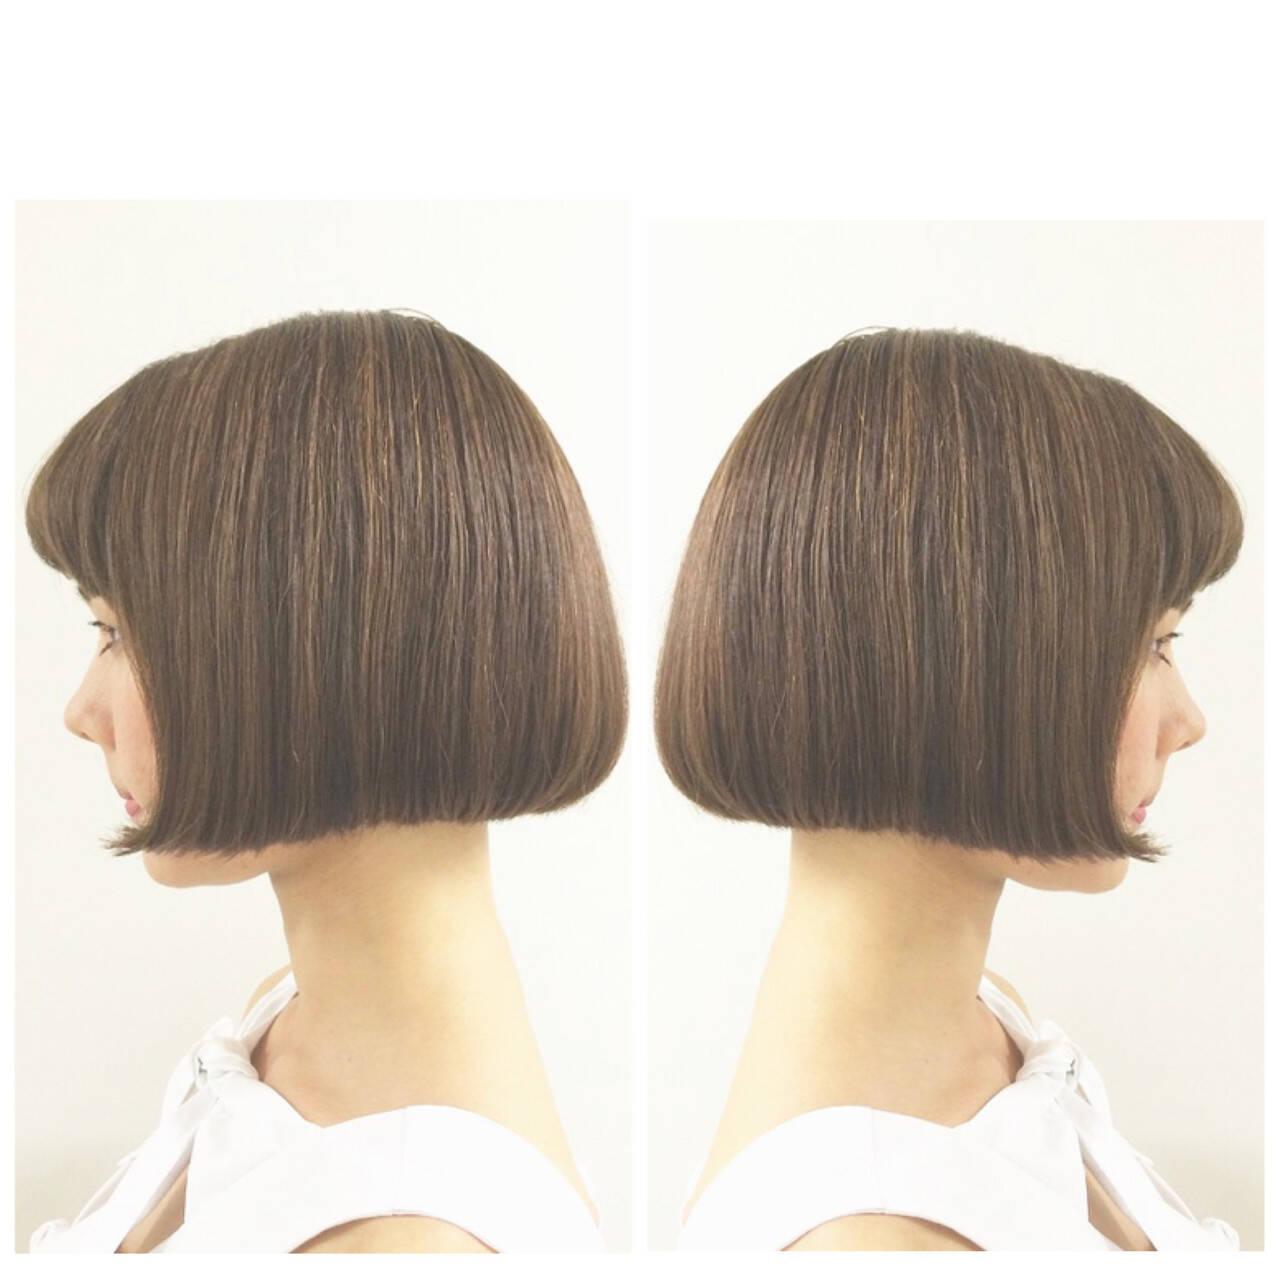 ワンレングス ナチュラル クラシカル ミニボブヘアスタイルや髪型の写真・画像